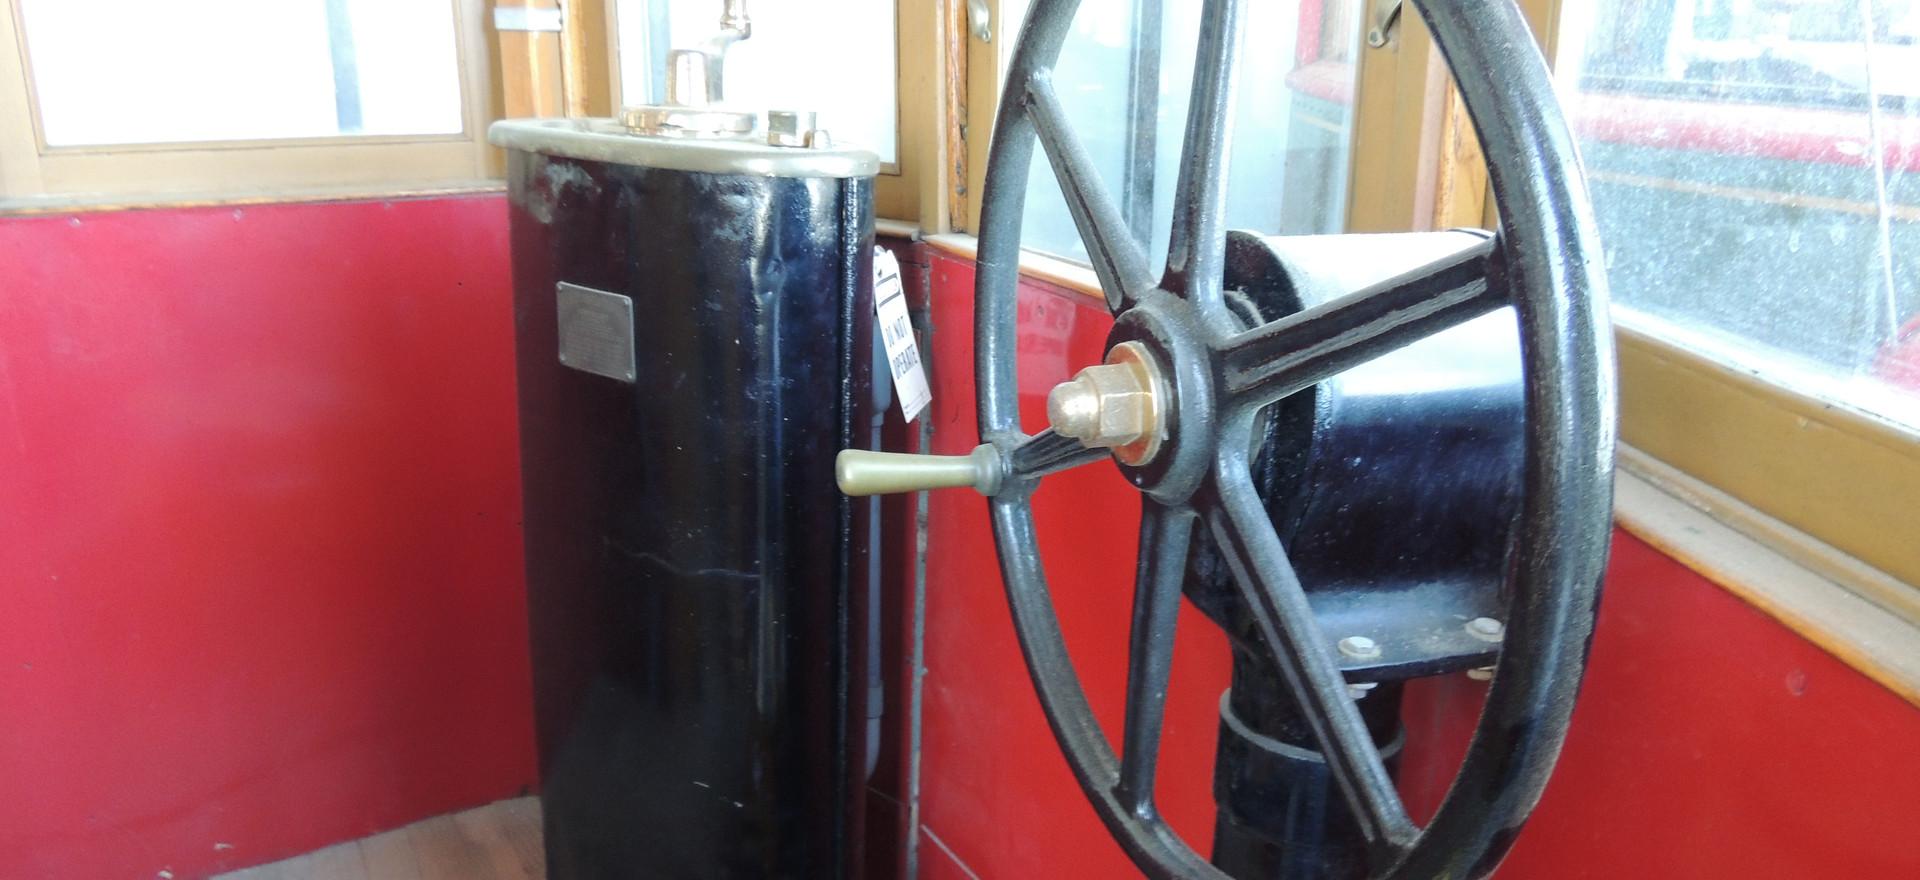 Cupola Interior of Trolley Car #1